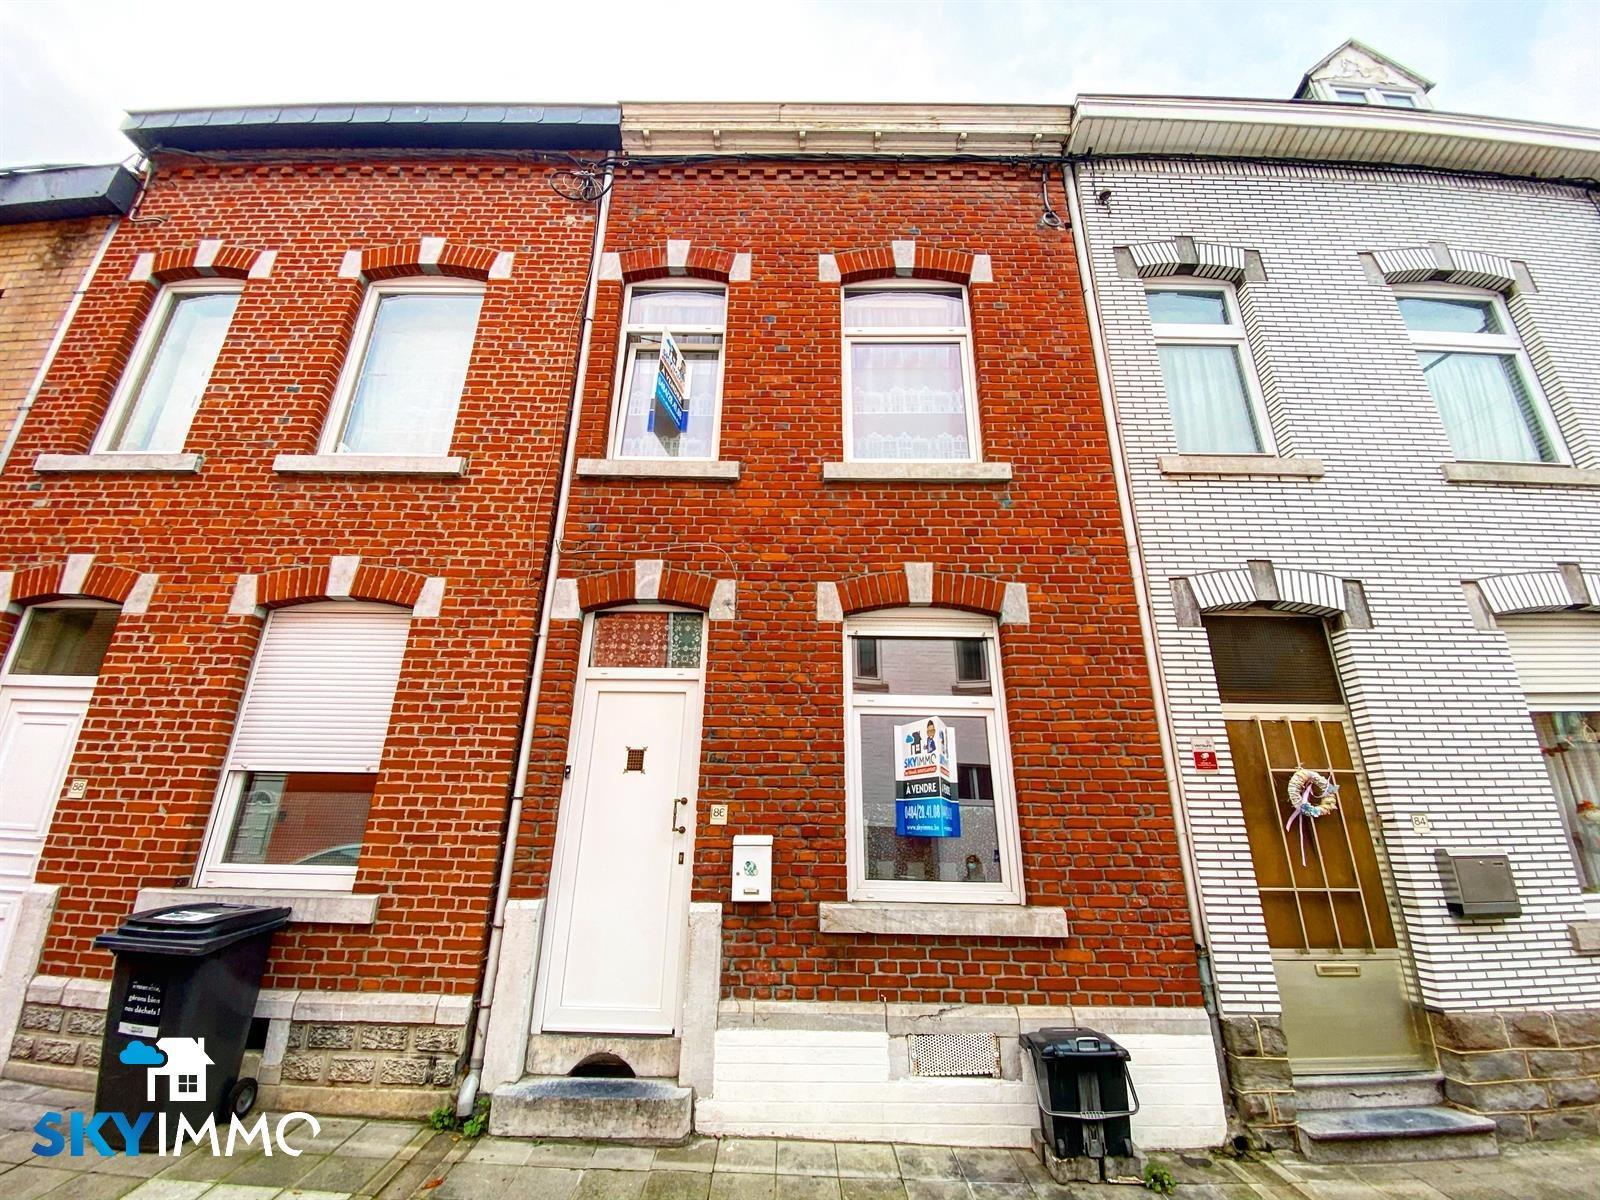 Maison unifamiliale - Flemalle - #4192697-0